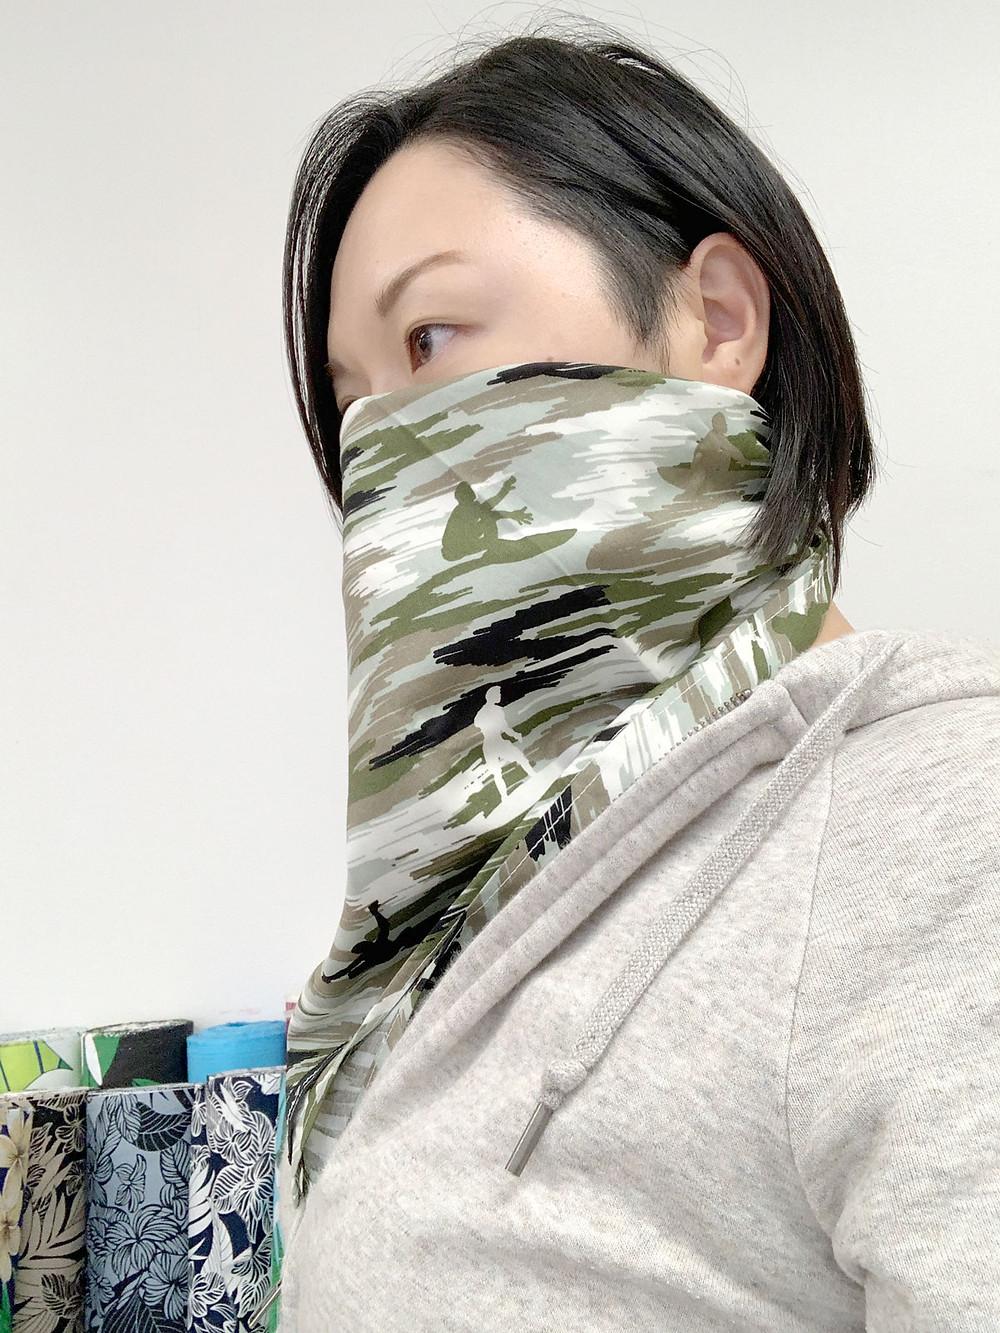 Furoshiki becomes bandanna